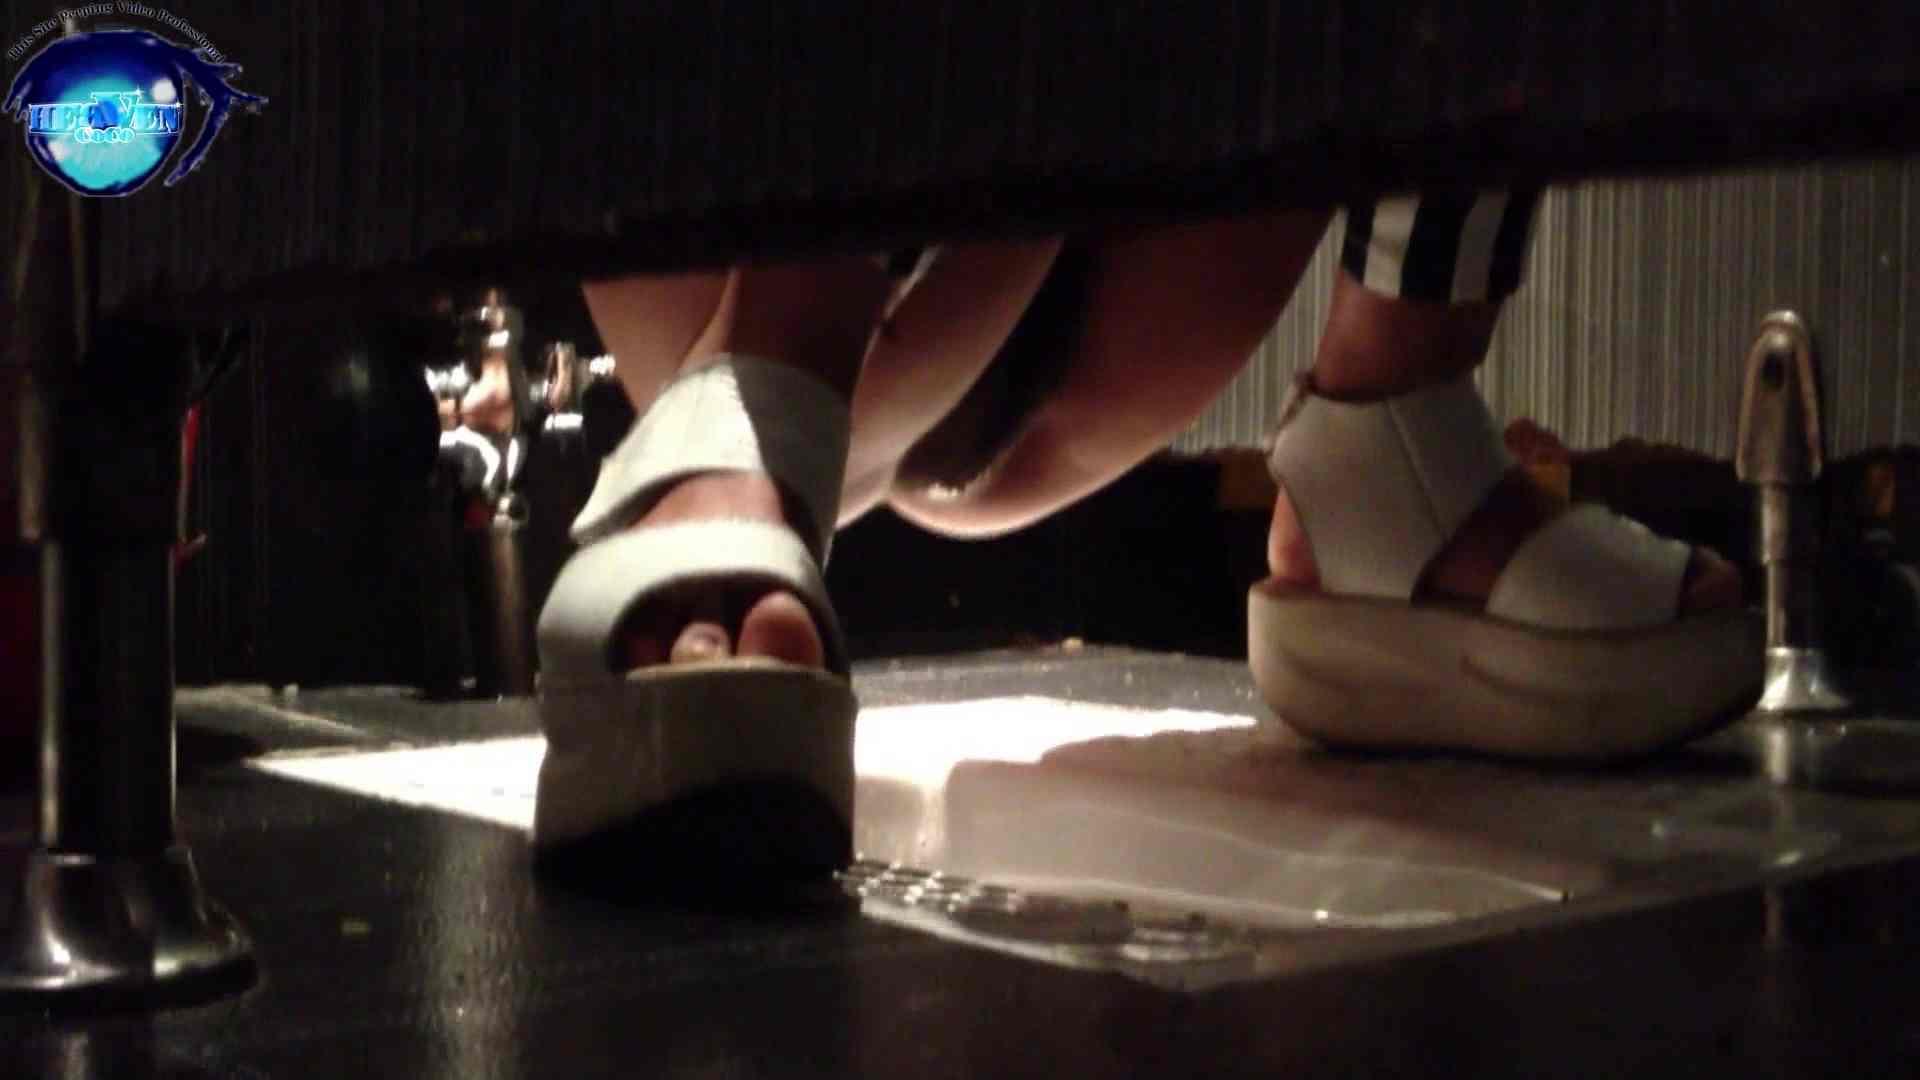 GOD HAND ファッションショッピングセンター盗撮vol.02前編 女体盗撮 のぞきおめこ無修正画像 68連発 10